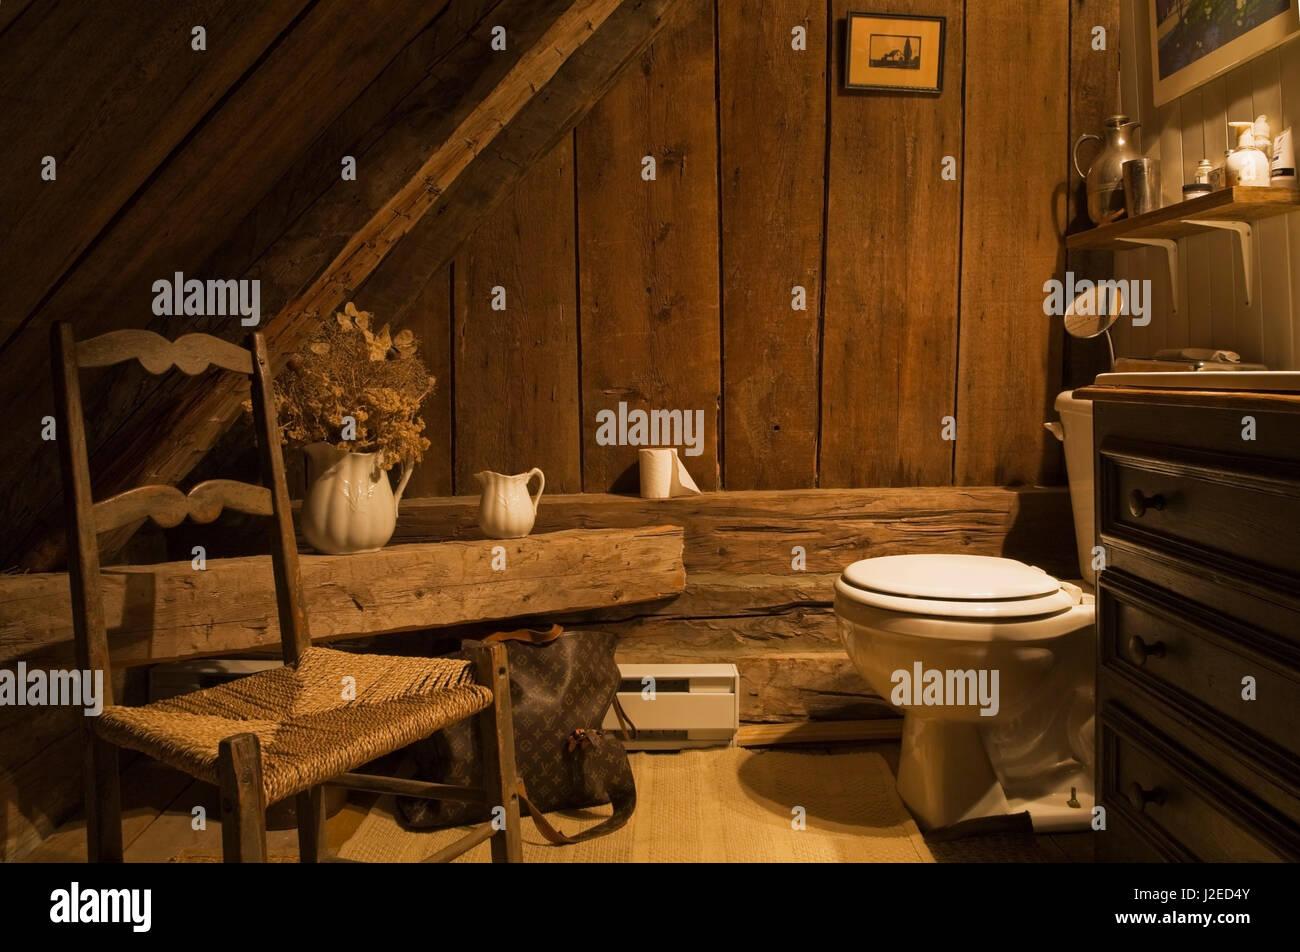 Bagno Stile Francese : Bagno rustico sul pavimento del piano superiore all interno di un